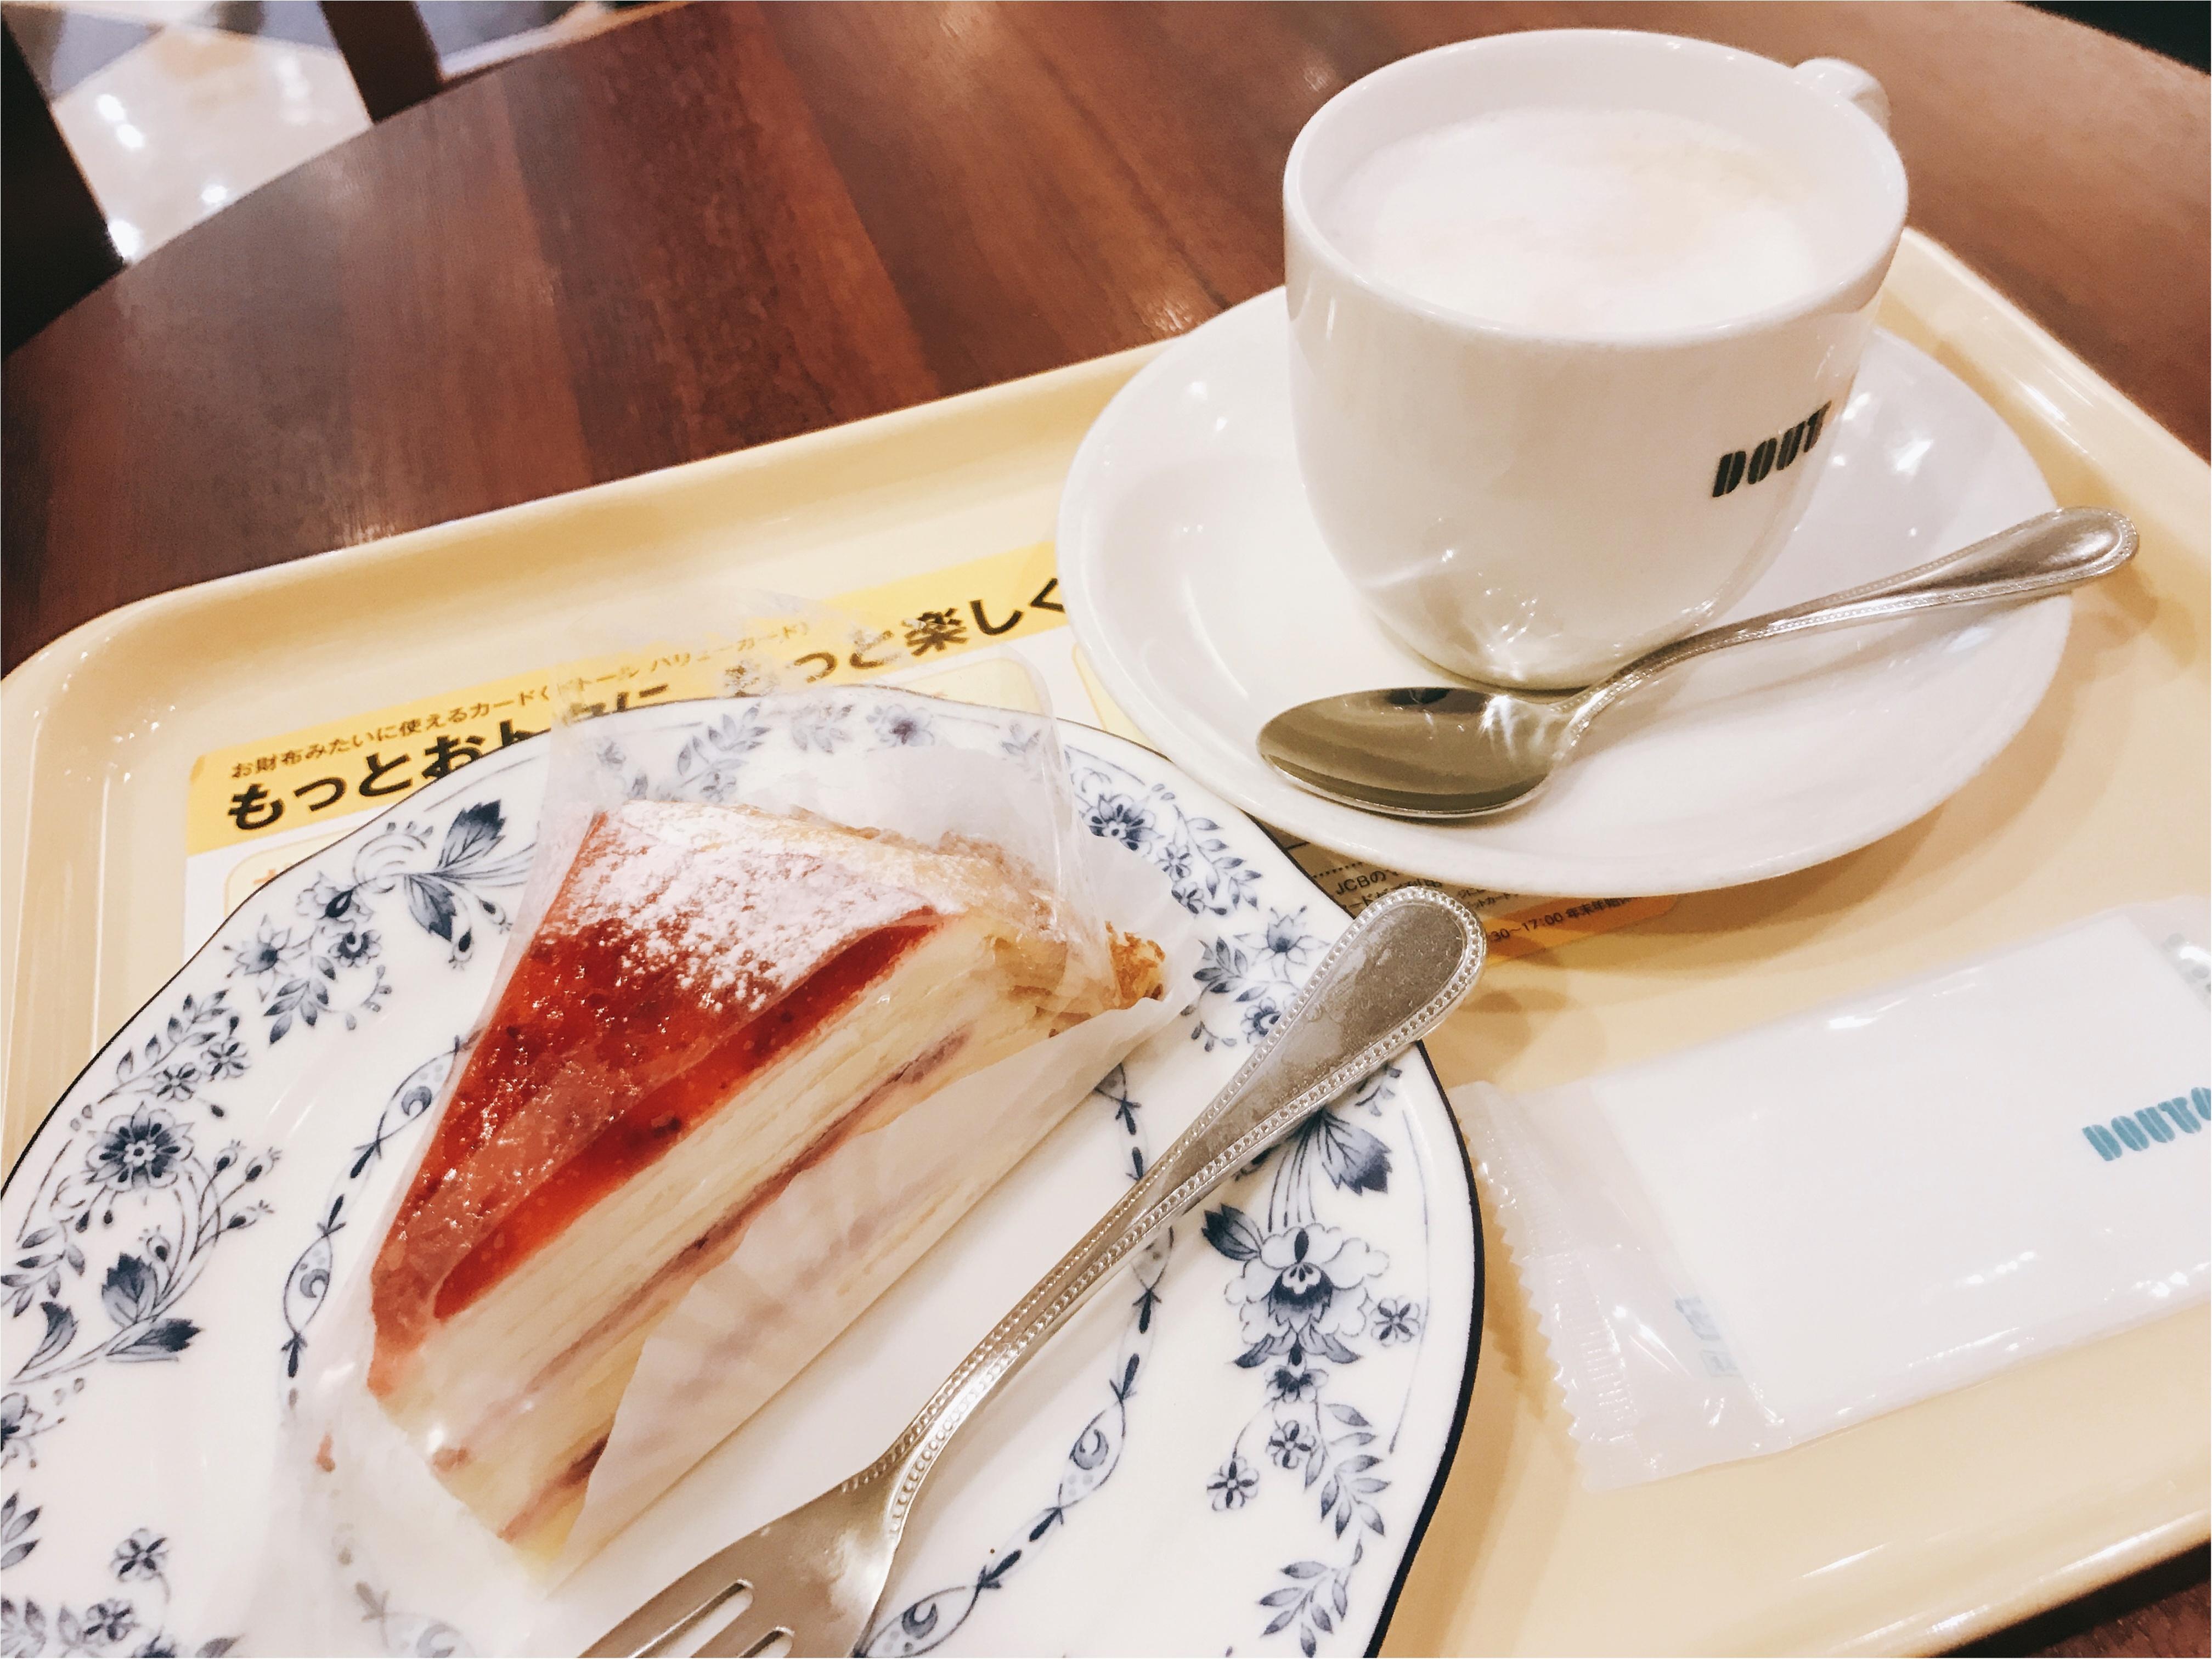 《食》デザートはお得に楽しむ♡!_1